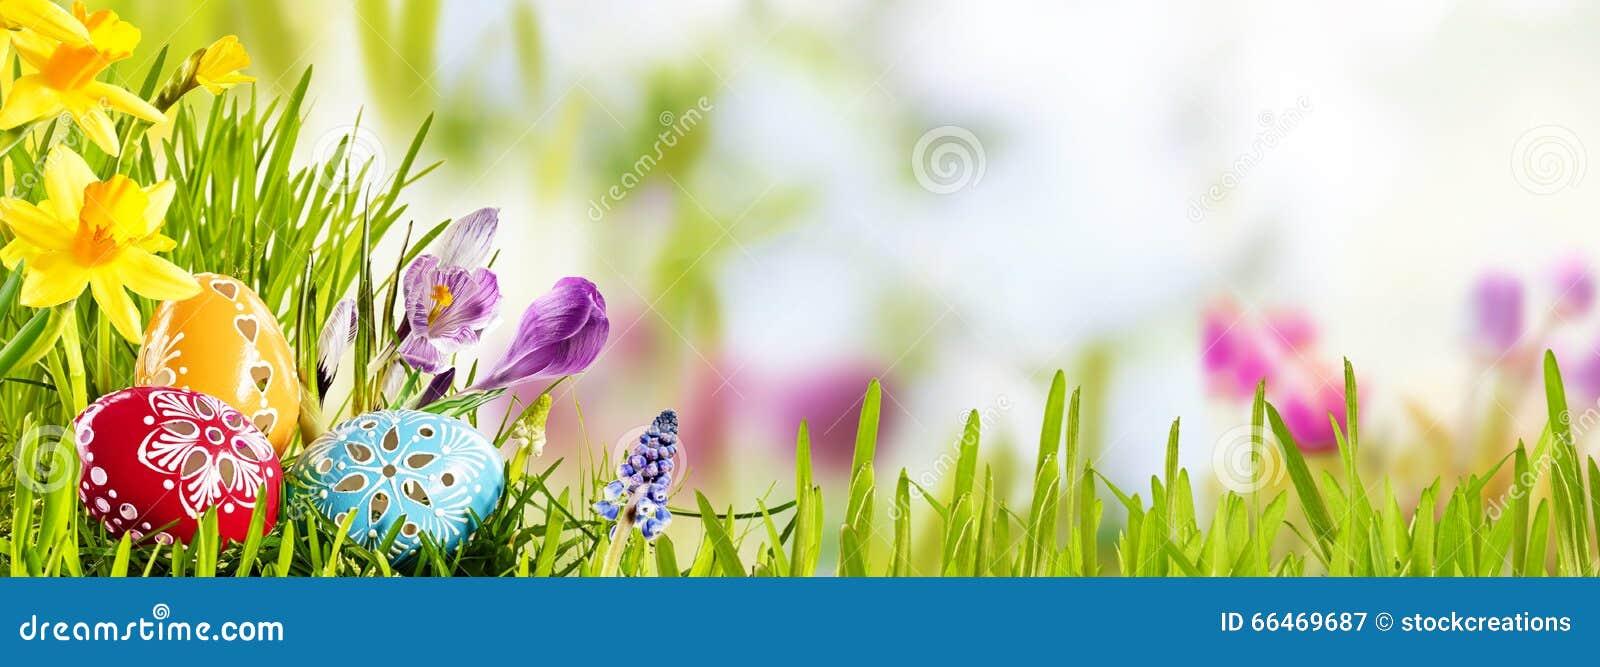 Horizontale Pasen-banner met eieren in een weide